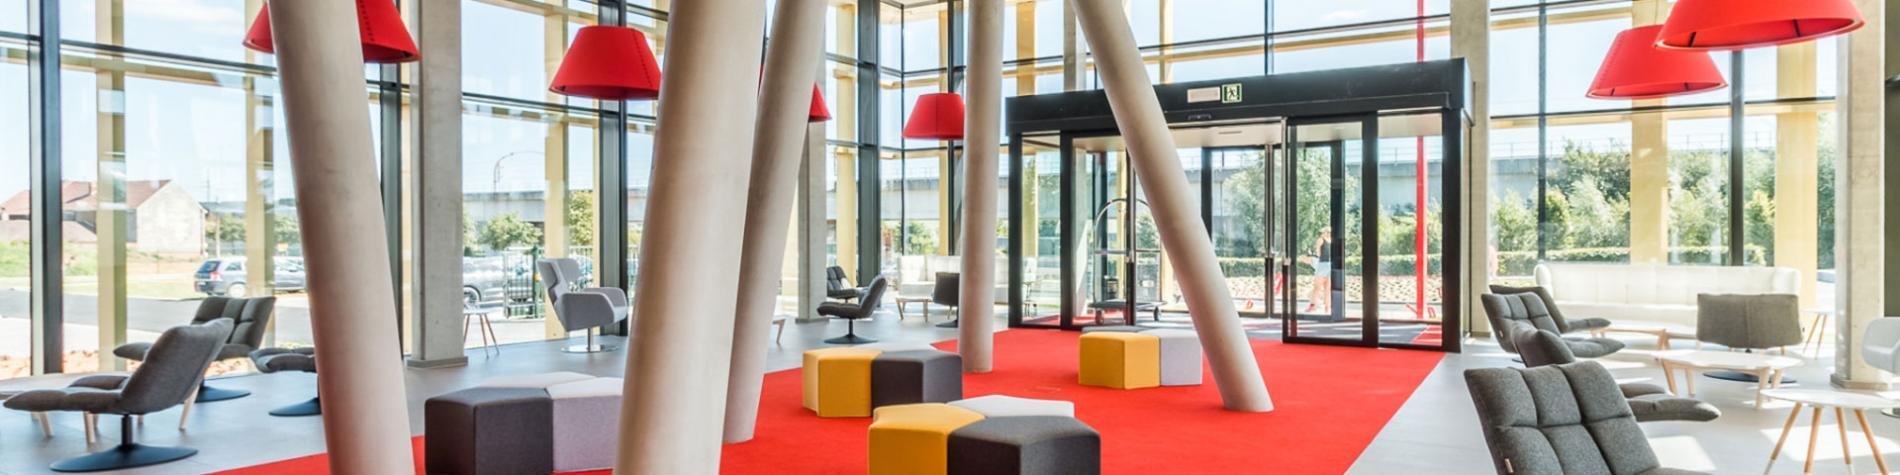 Hôtel Martin's Red - Tubize - Moderne - confortable - 4 étoiles - Diables Rouges